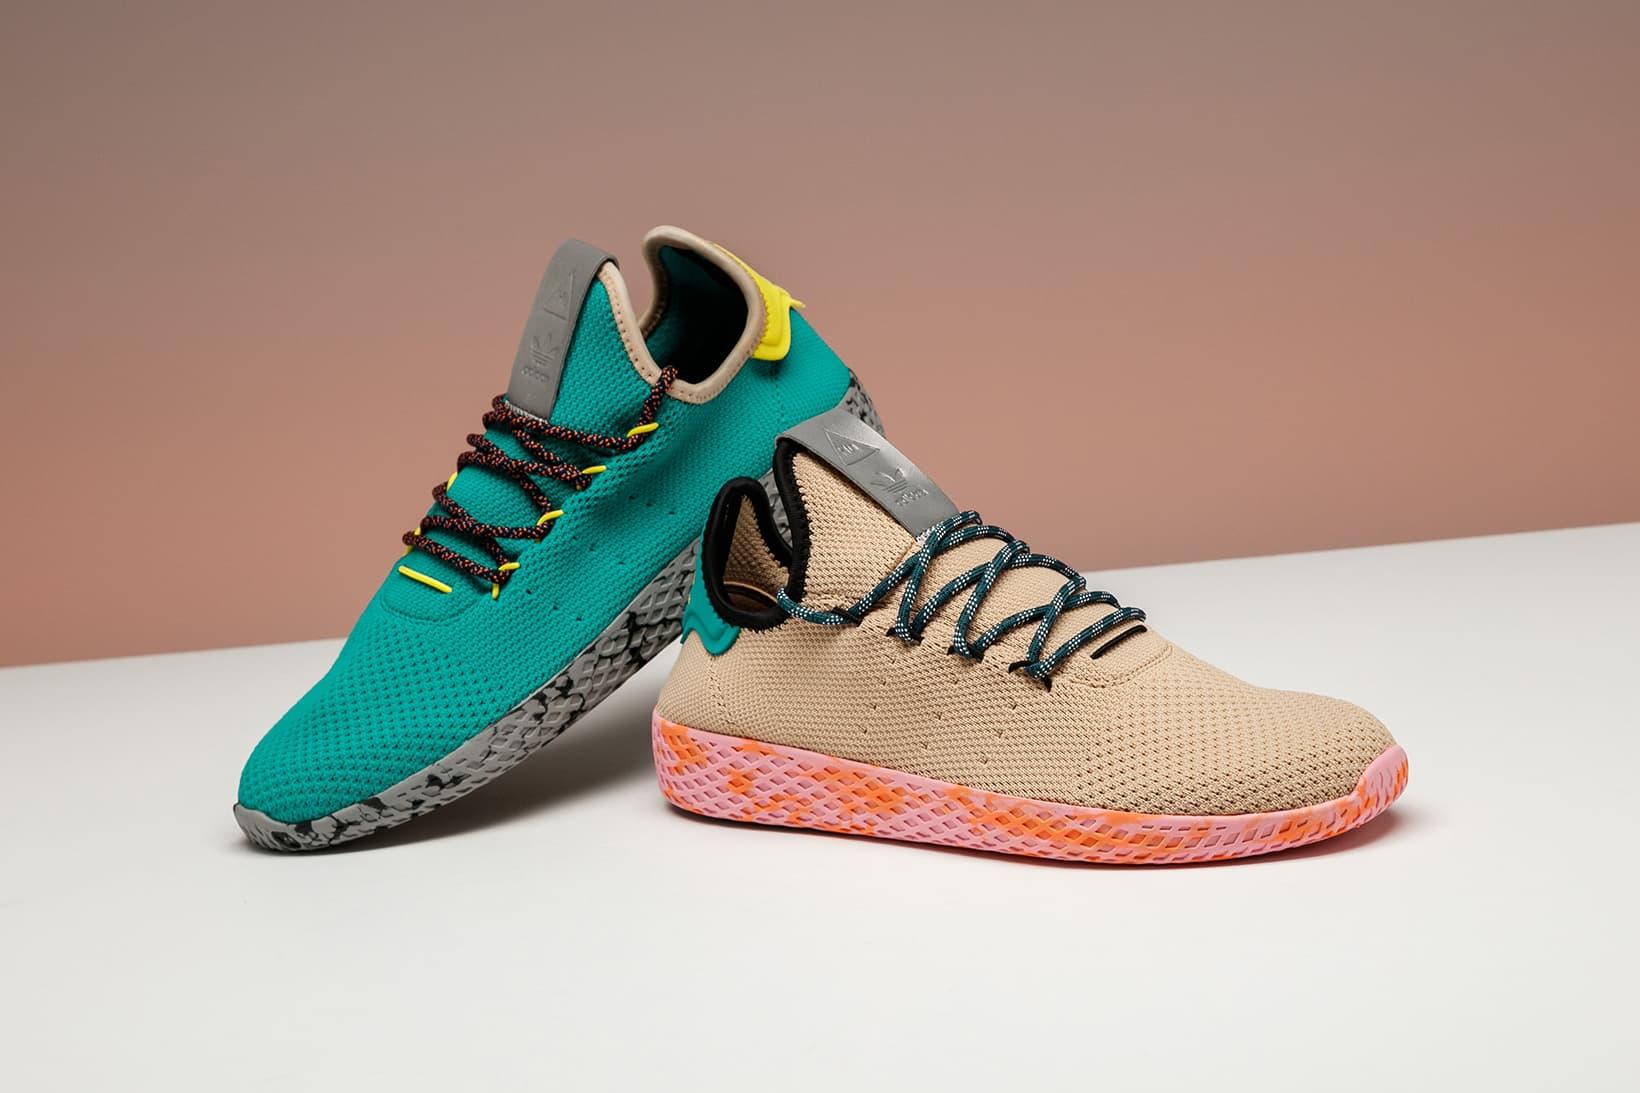 Adidas Pharrell Tennis Hu Unreleased Colorways Hypebeast